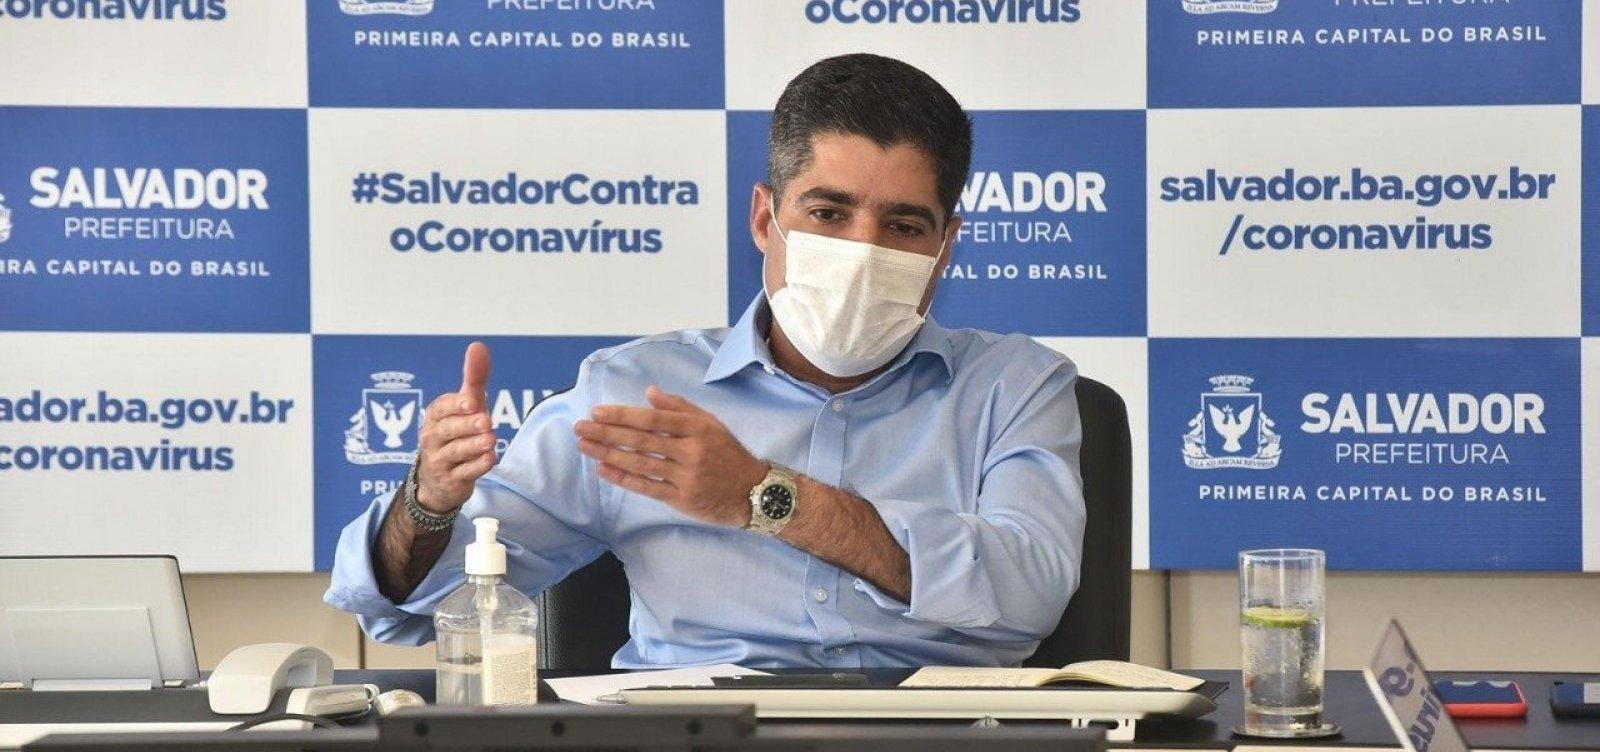 [Taxa de transmissão do coronavírus em Salvador cai para 5,7%]